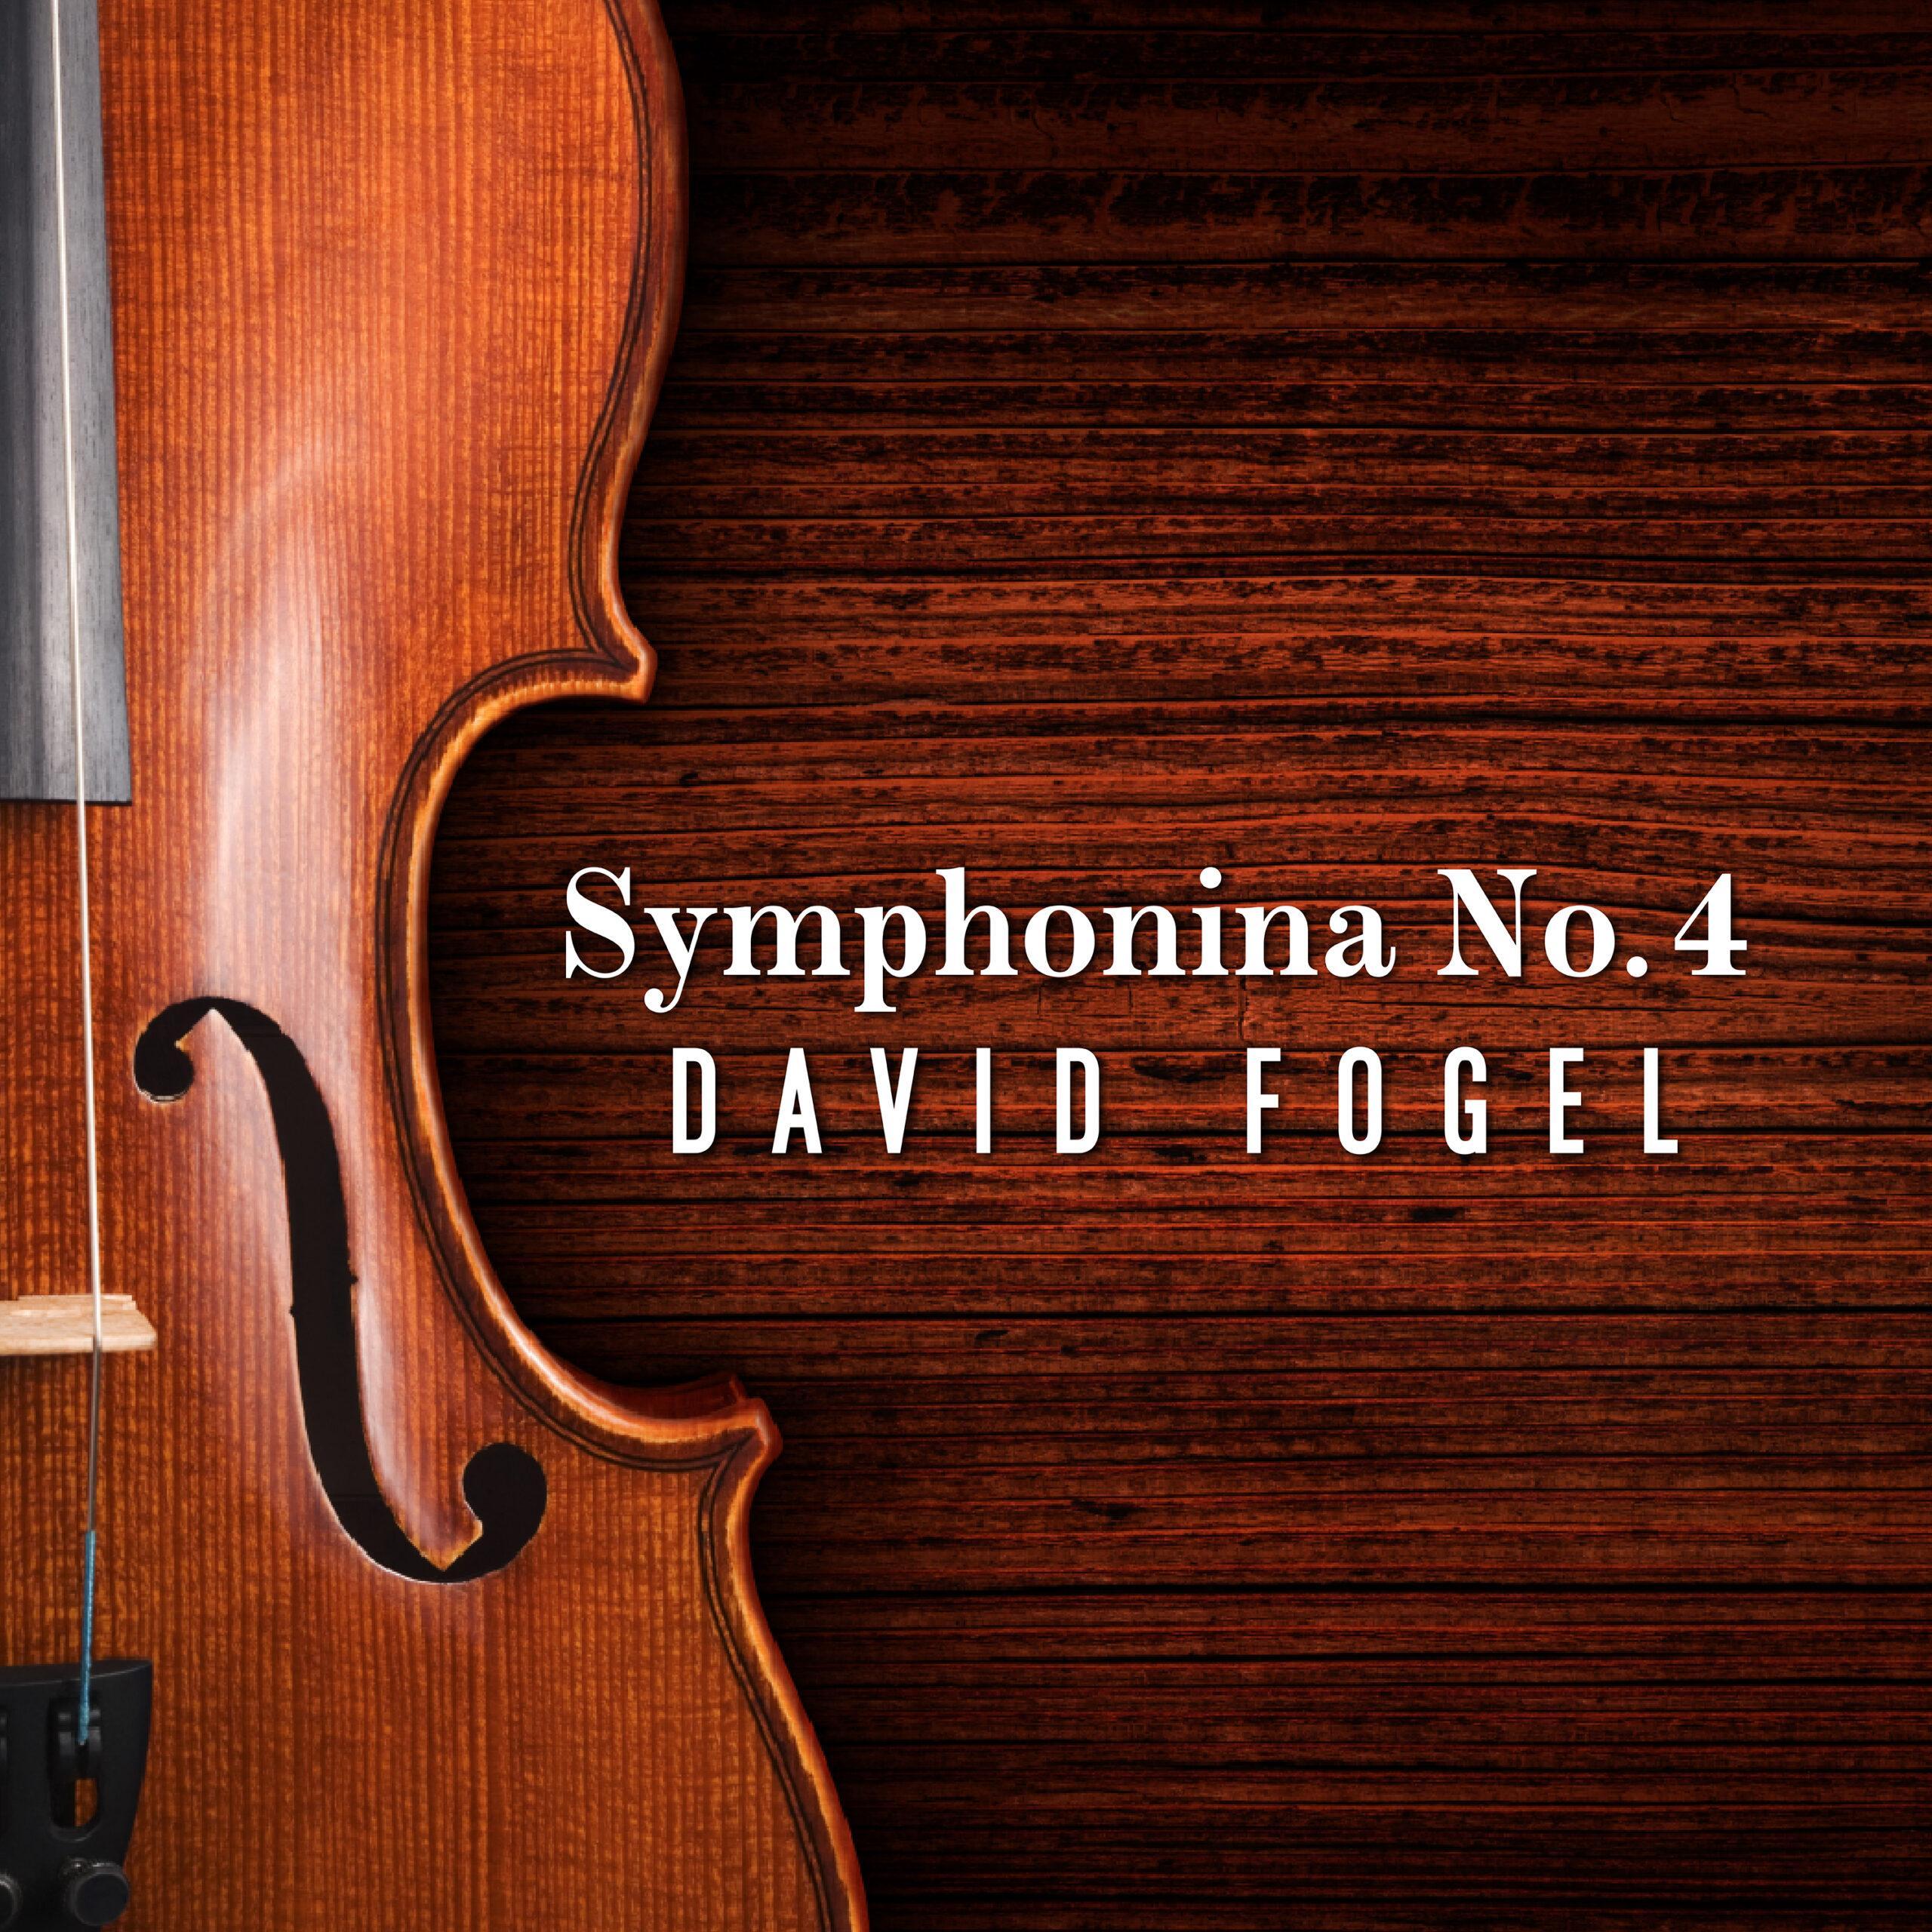 Symphonina No. 3